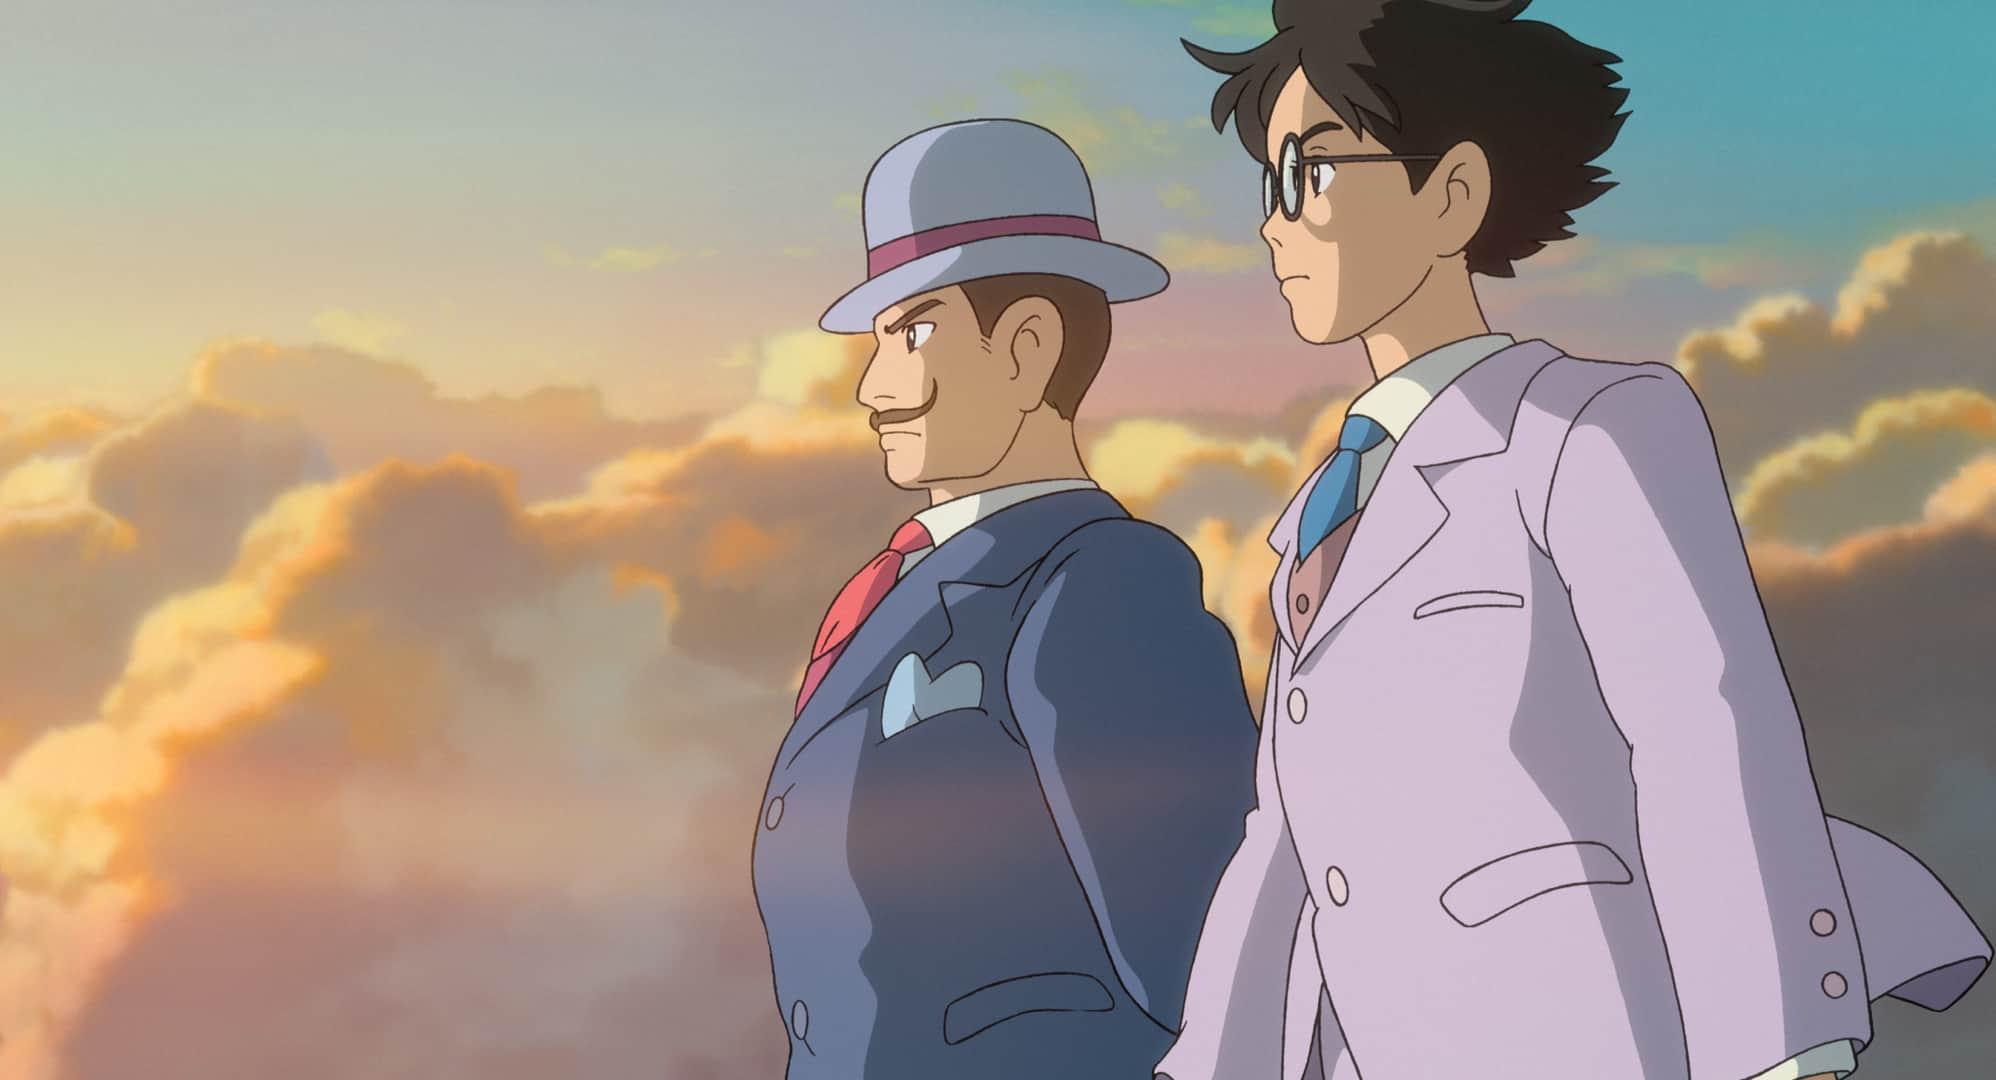 Si alza il vento film animazione giapponese